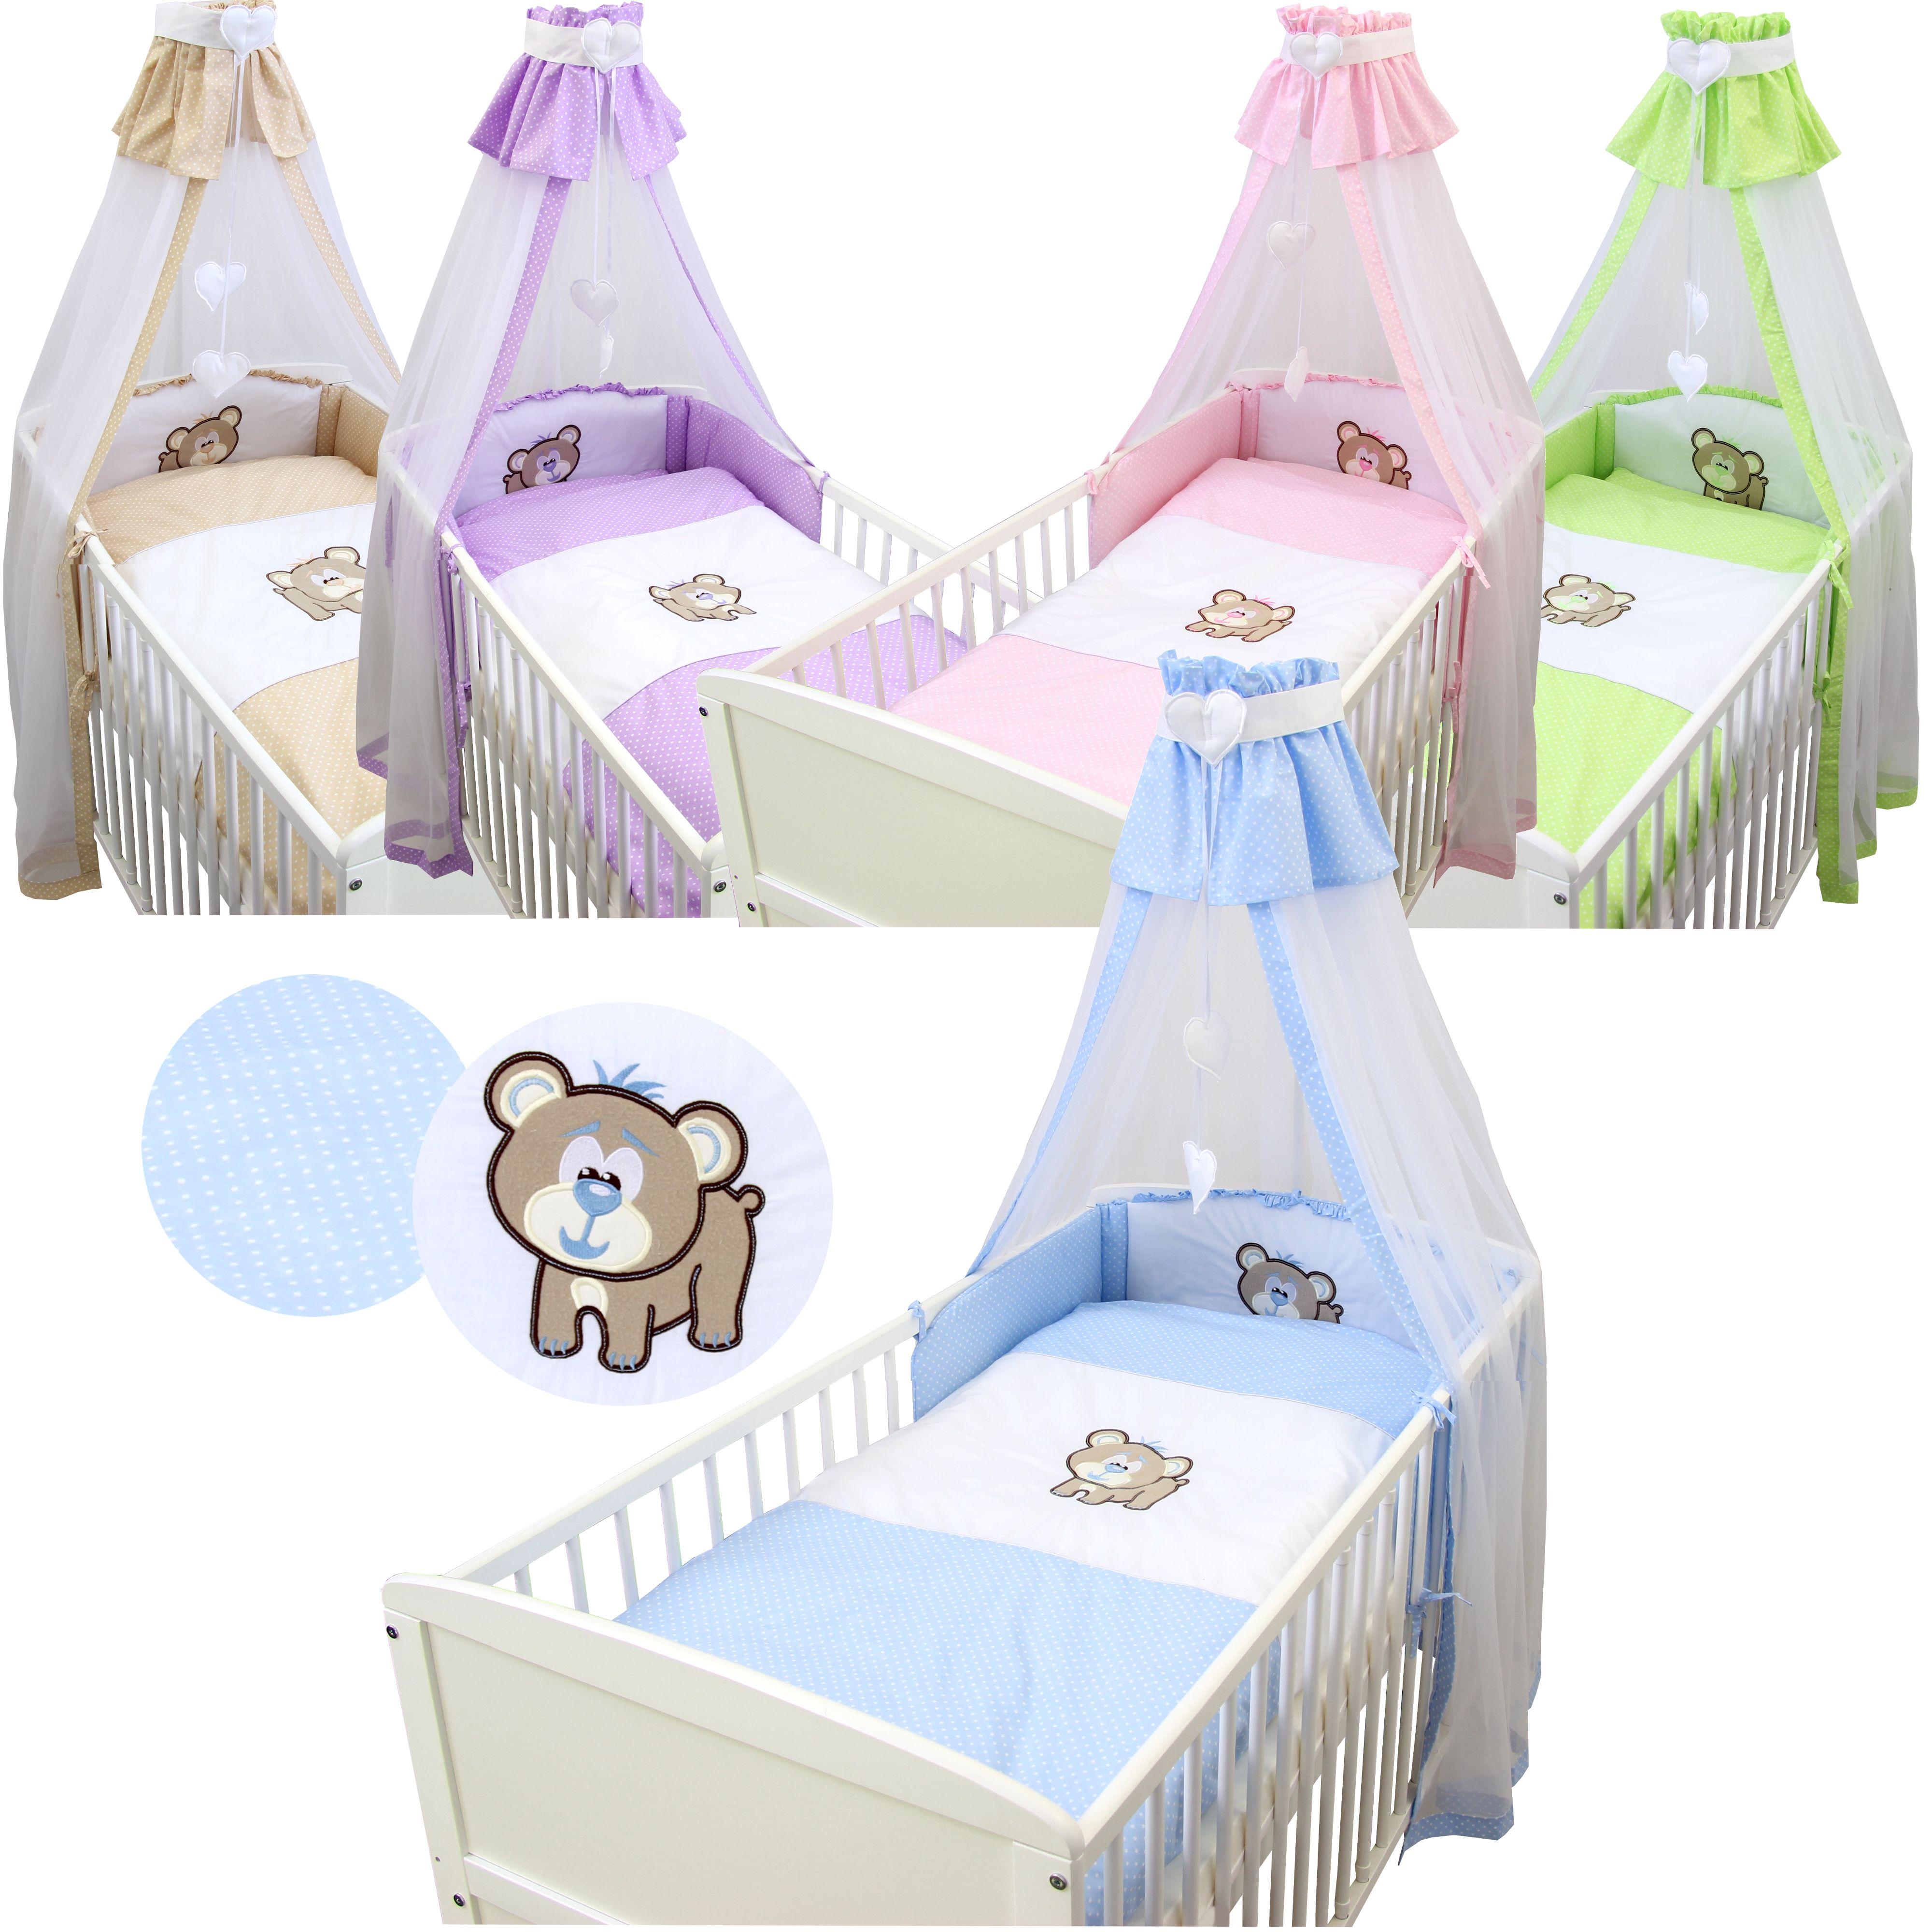 Ab 4799 5 7tlg Baby Bettset Kinder Bettwäsche Set Decke